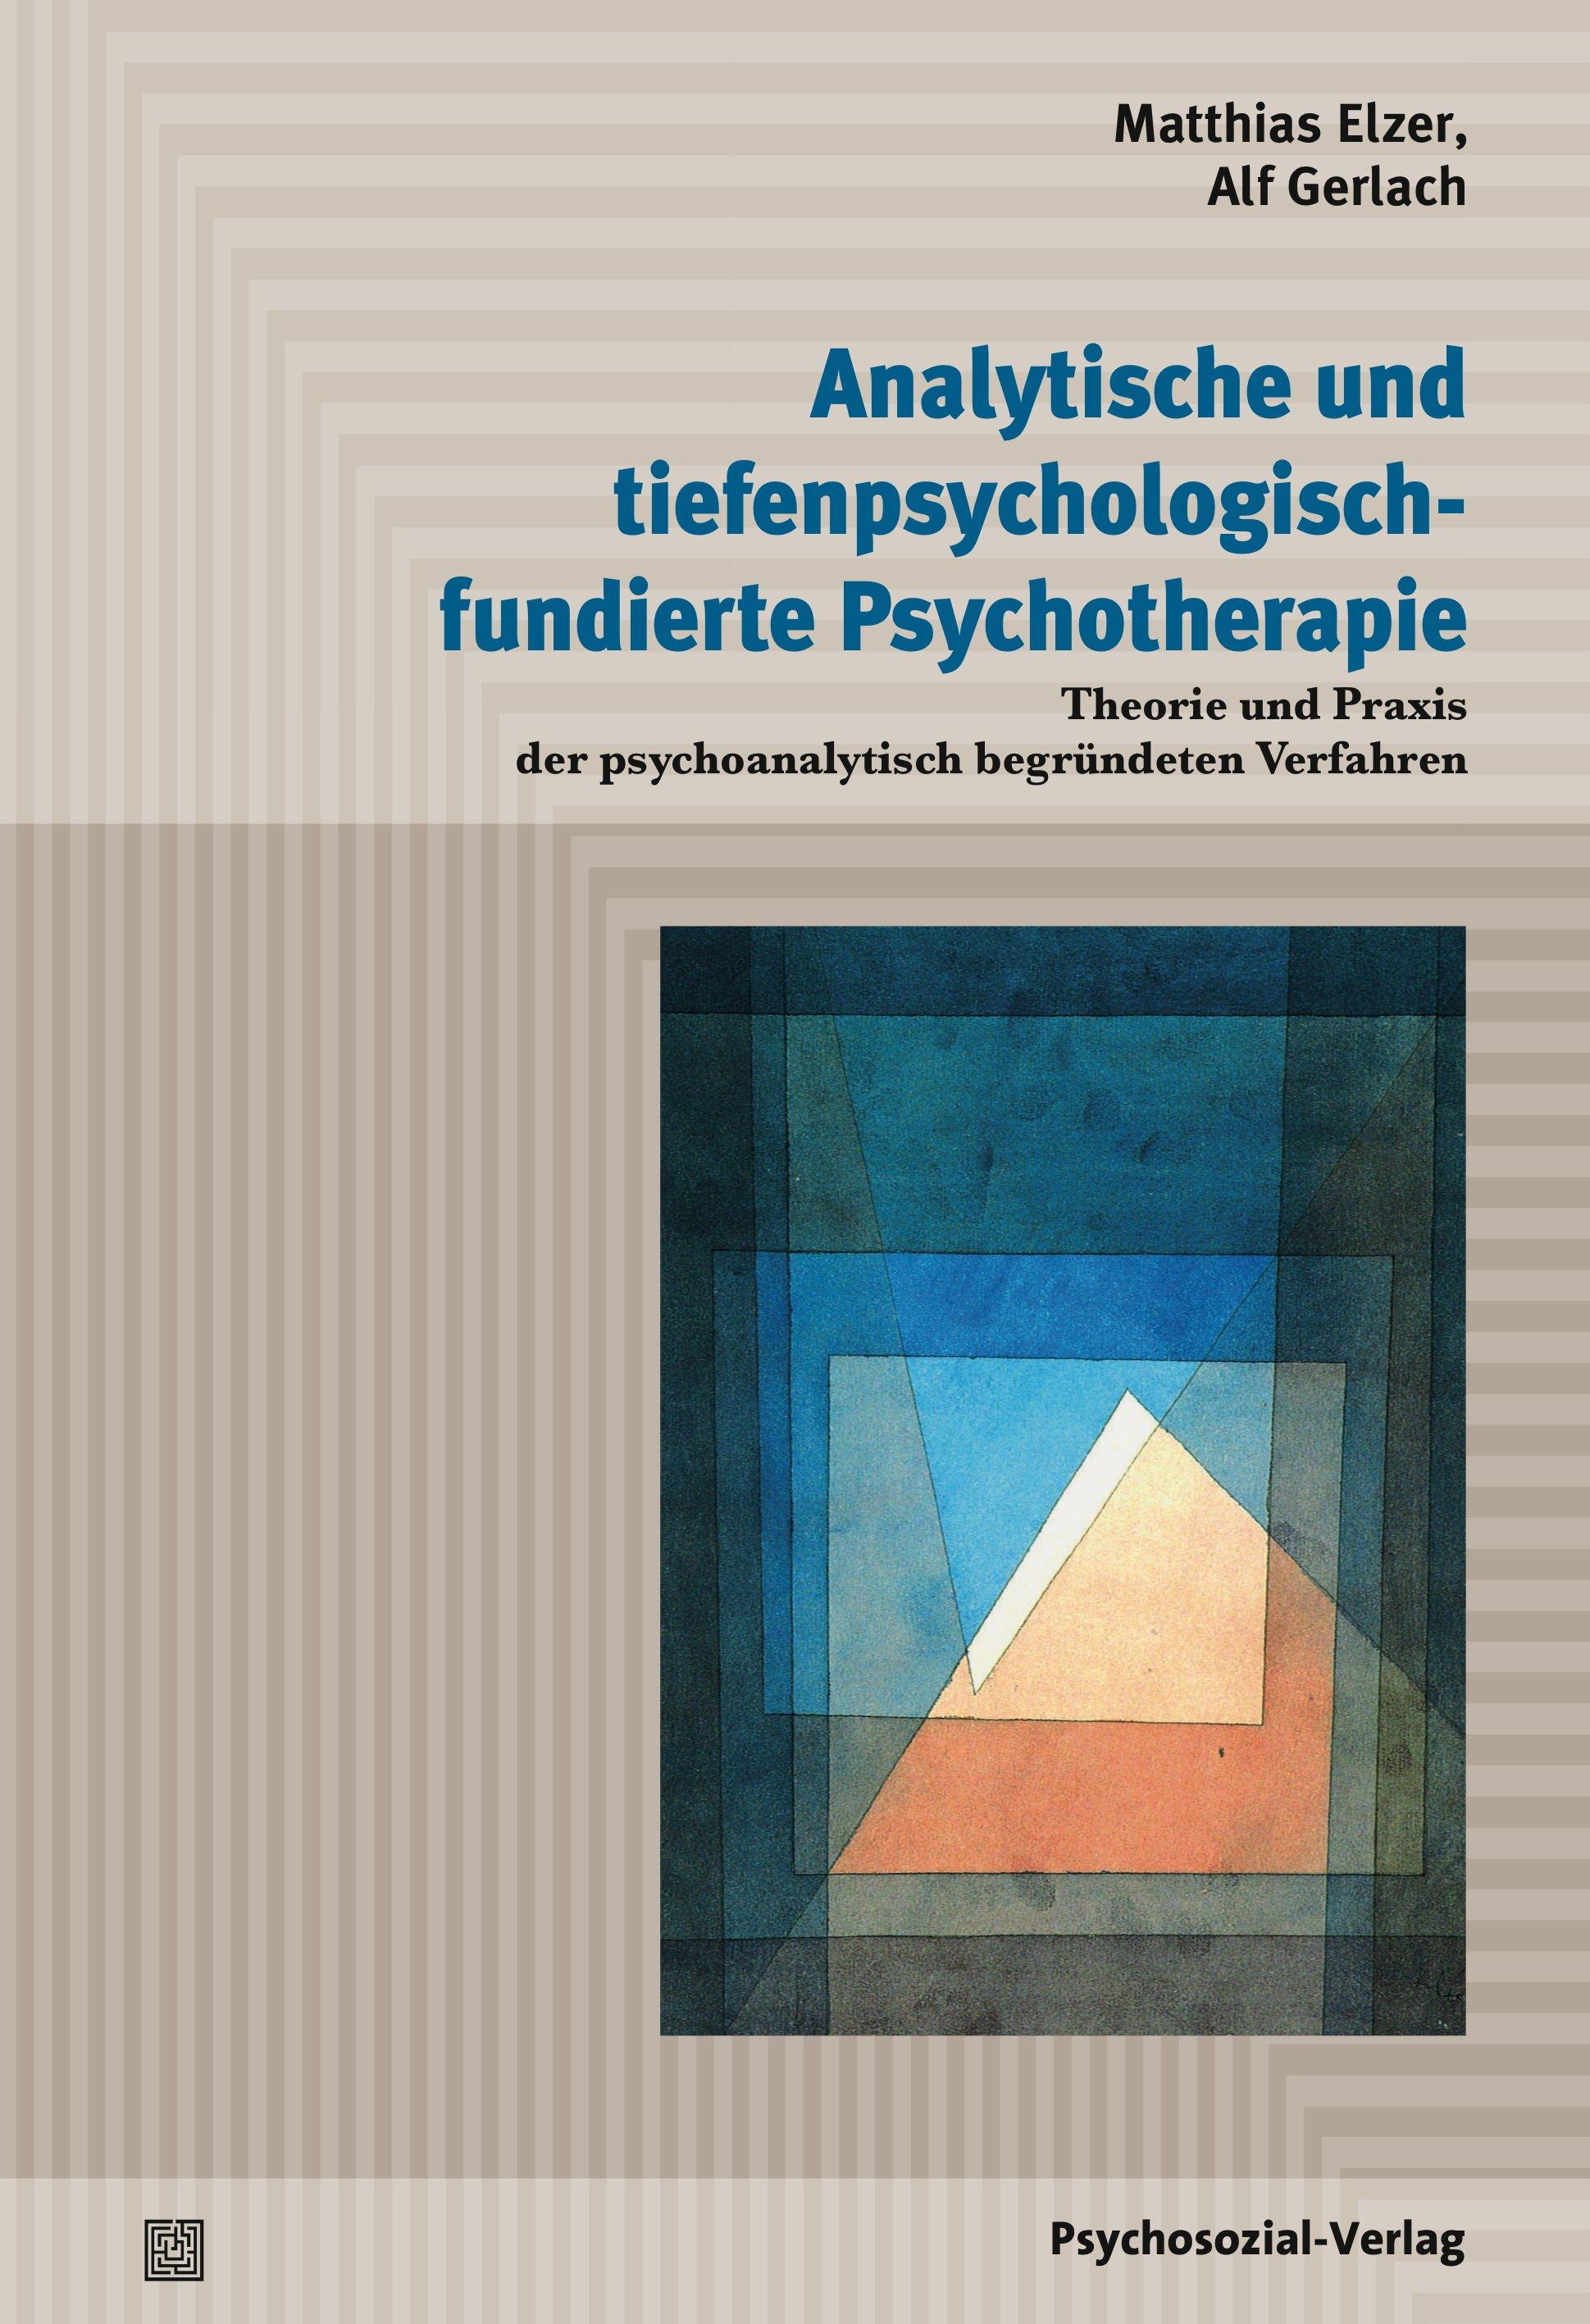 Analytische und tiefenpsychologisch-fundierte Psychotherapie